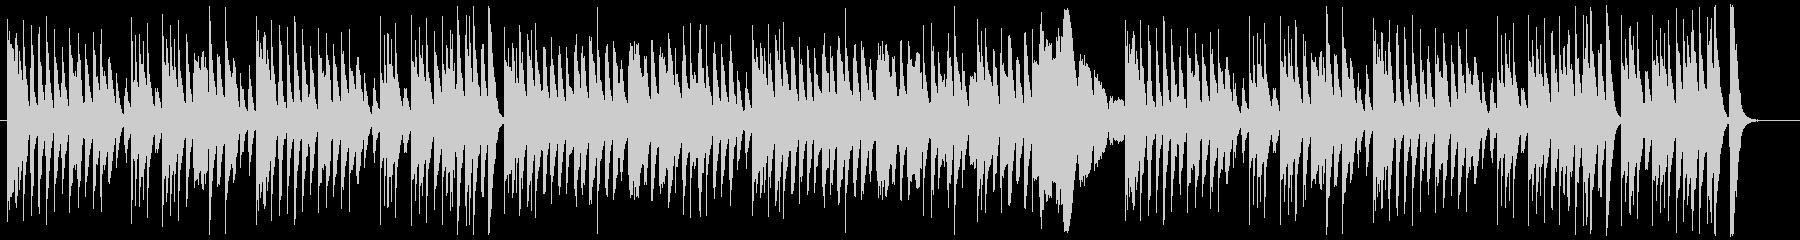 ドタバタコメディー調の木琴とピアノの未再生の波形